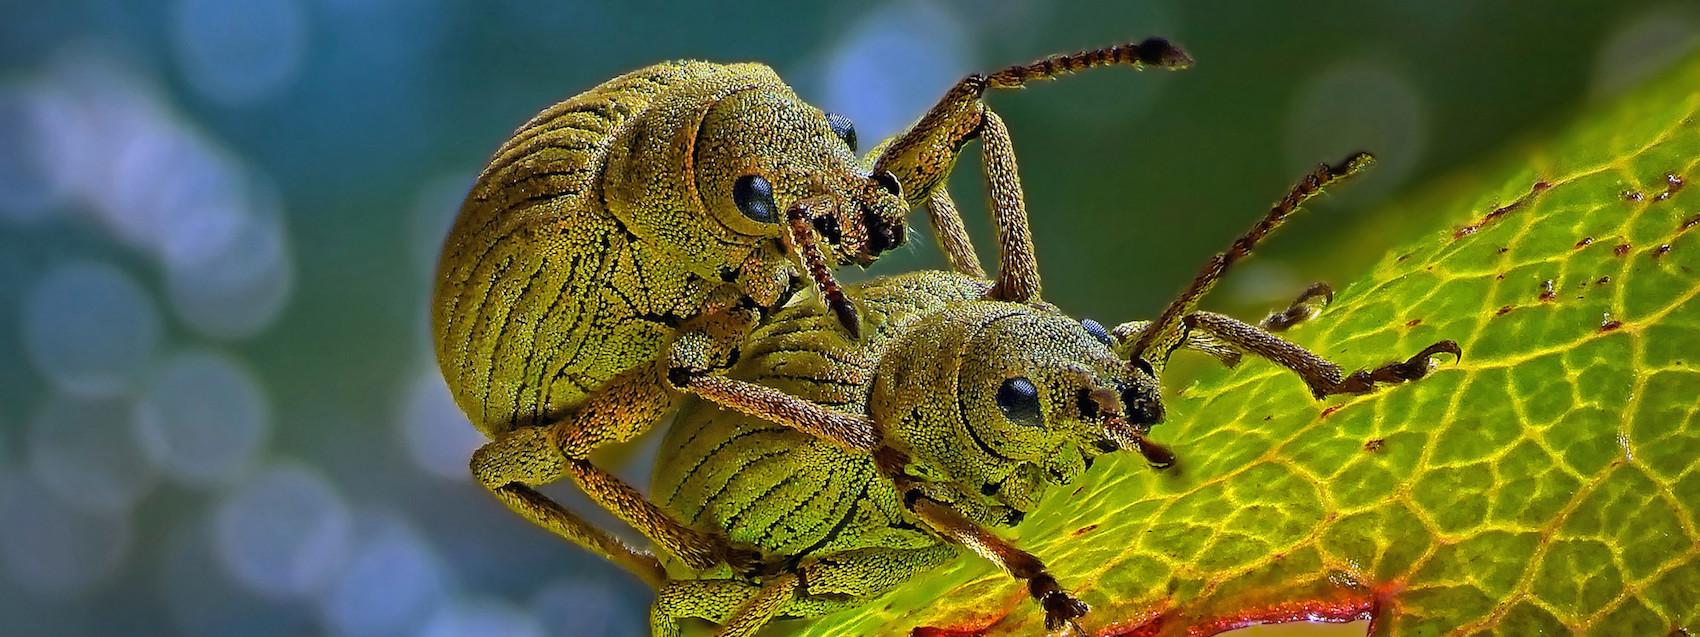 2014-4-Pinter-Phyllobius-roboretanus-insects